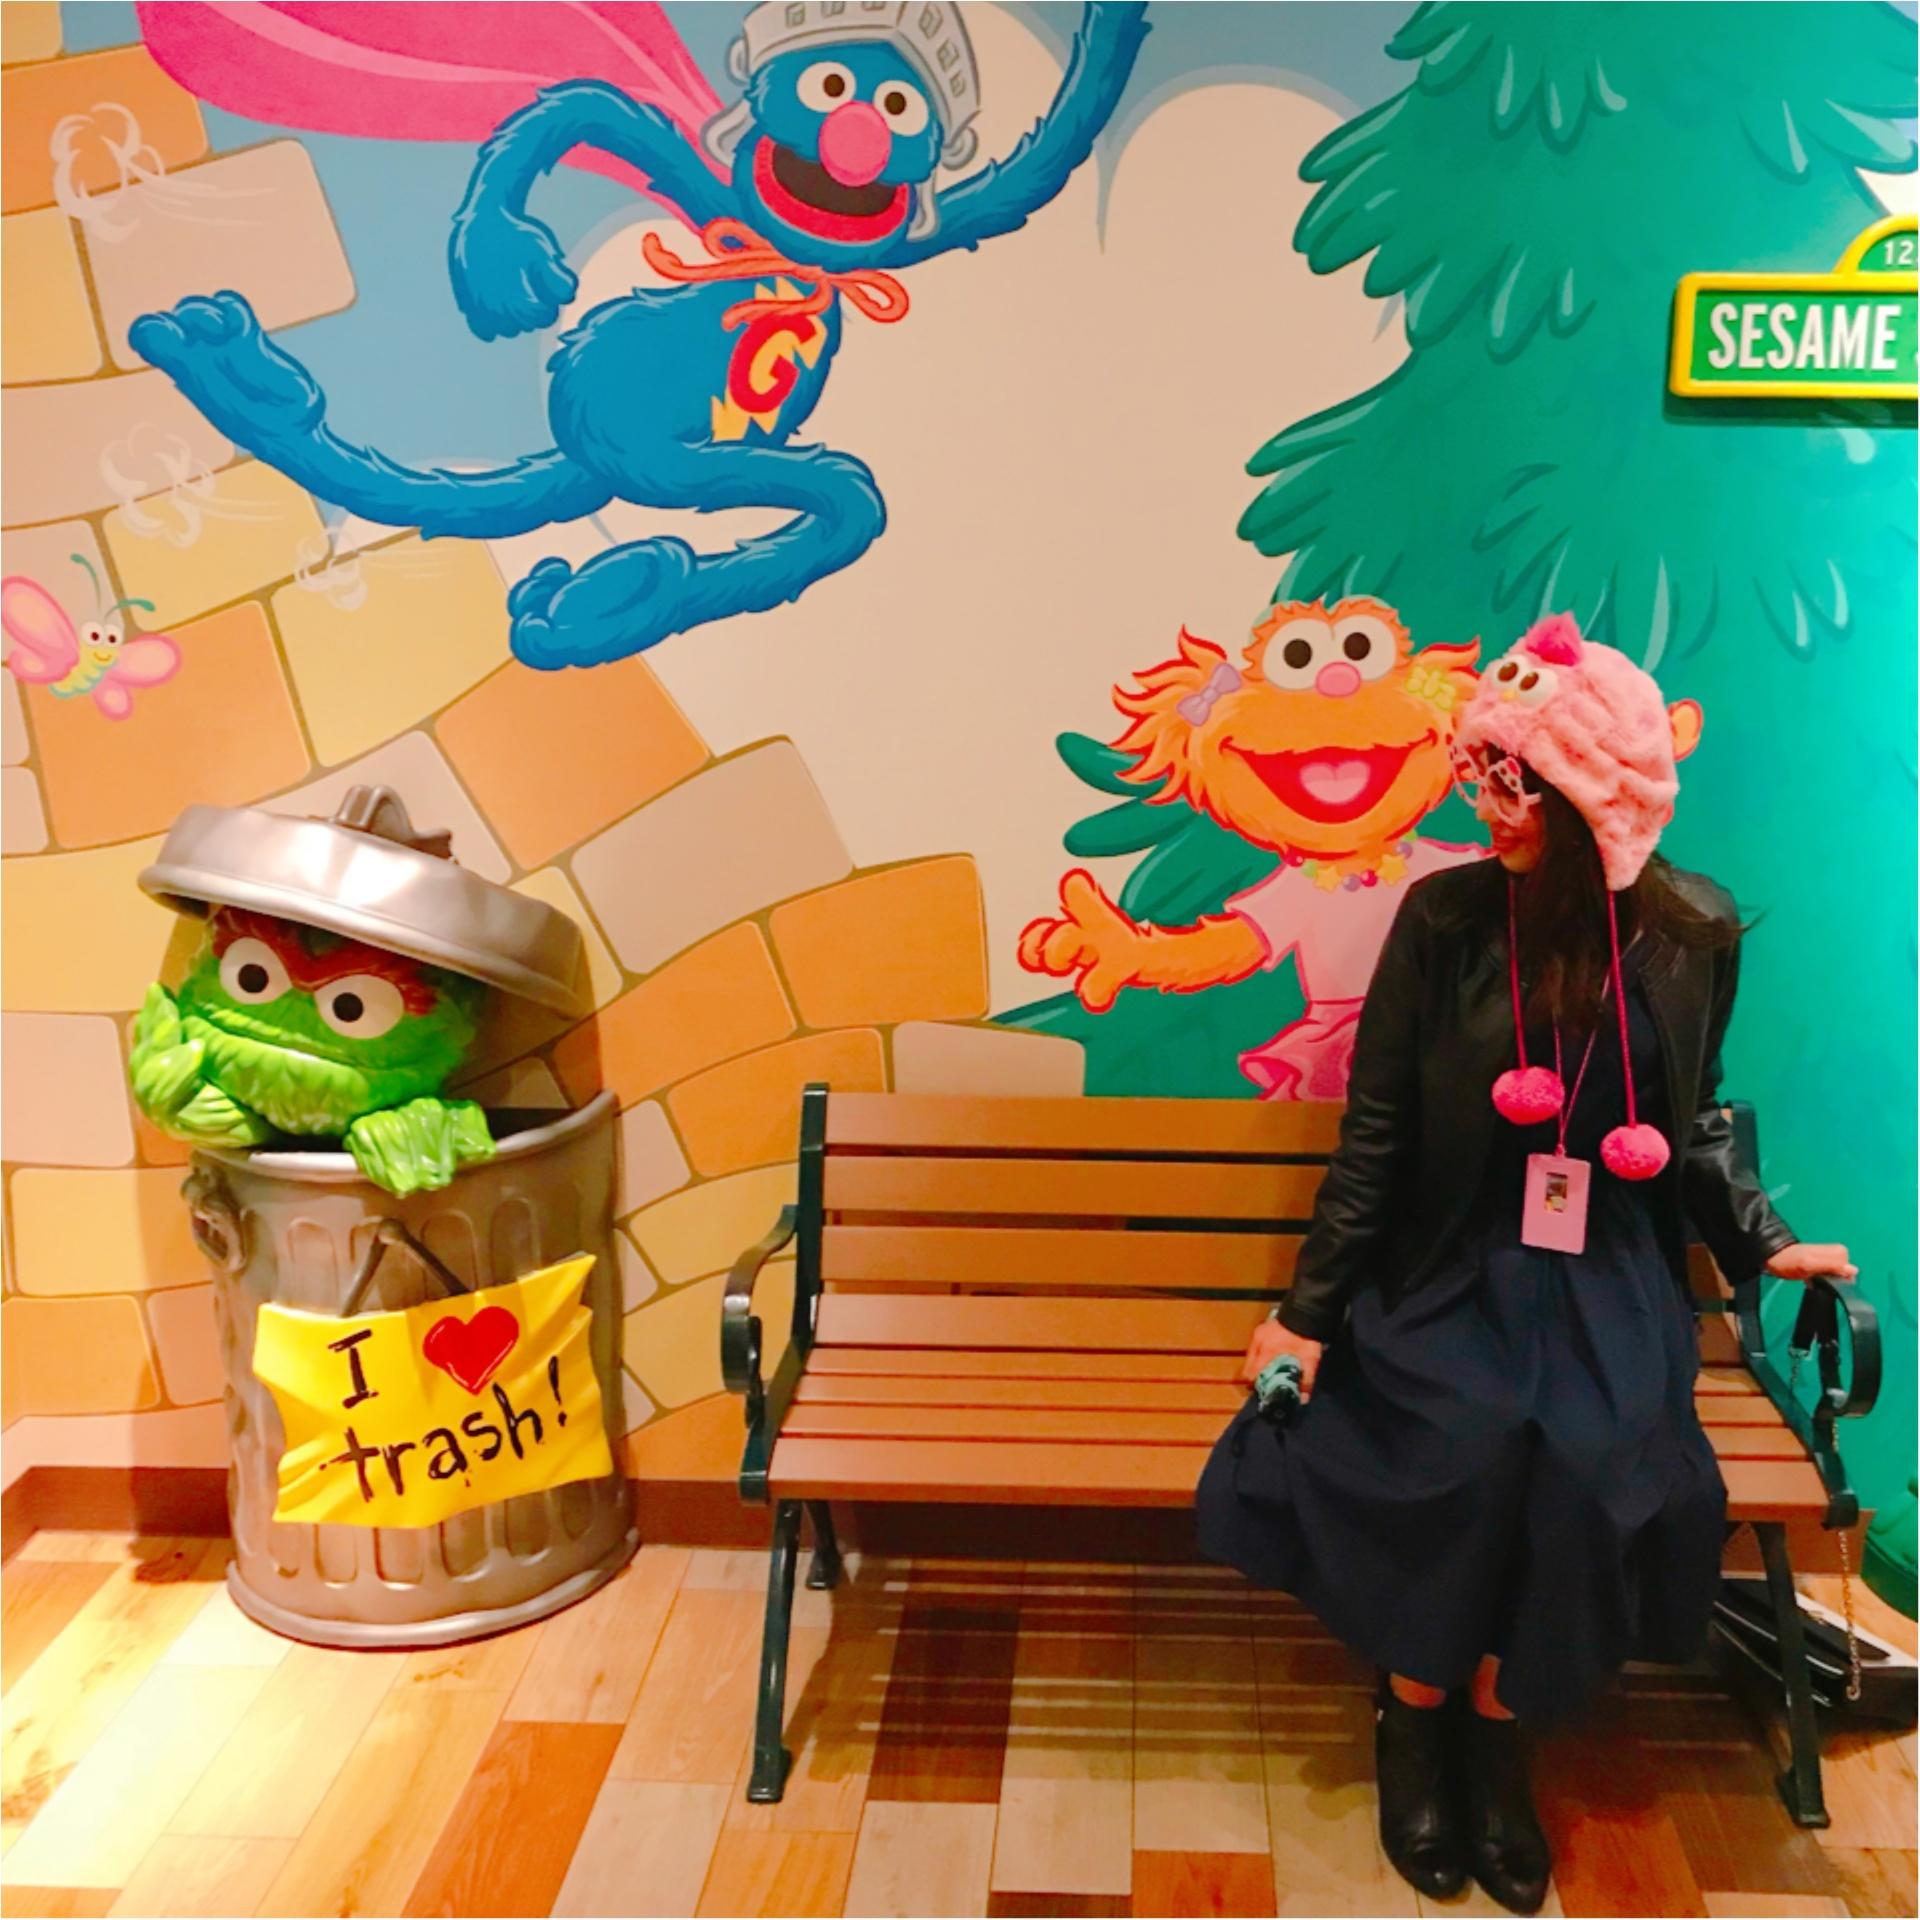 ★嬉しい特典がいっぱい♪『ユニバーサルスタジオジャパン』に行くならオフィシャルホテルステイがやっぱりオススメ★_2